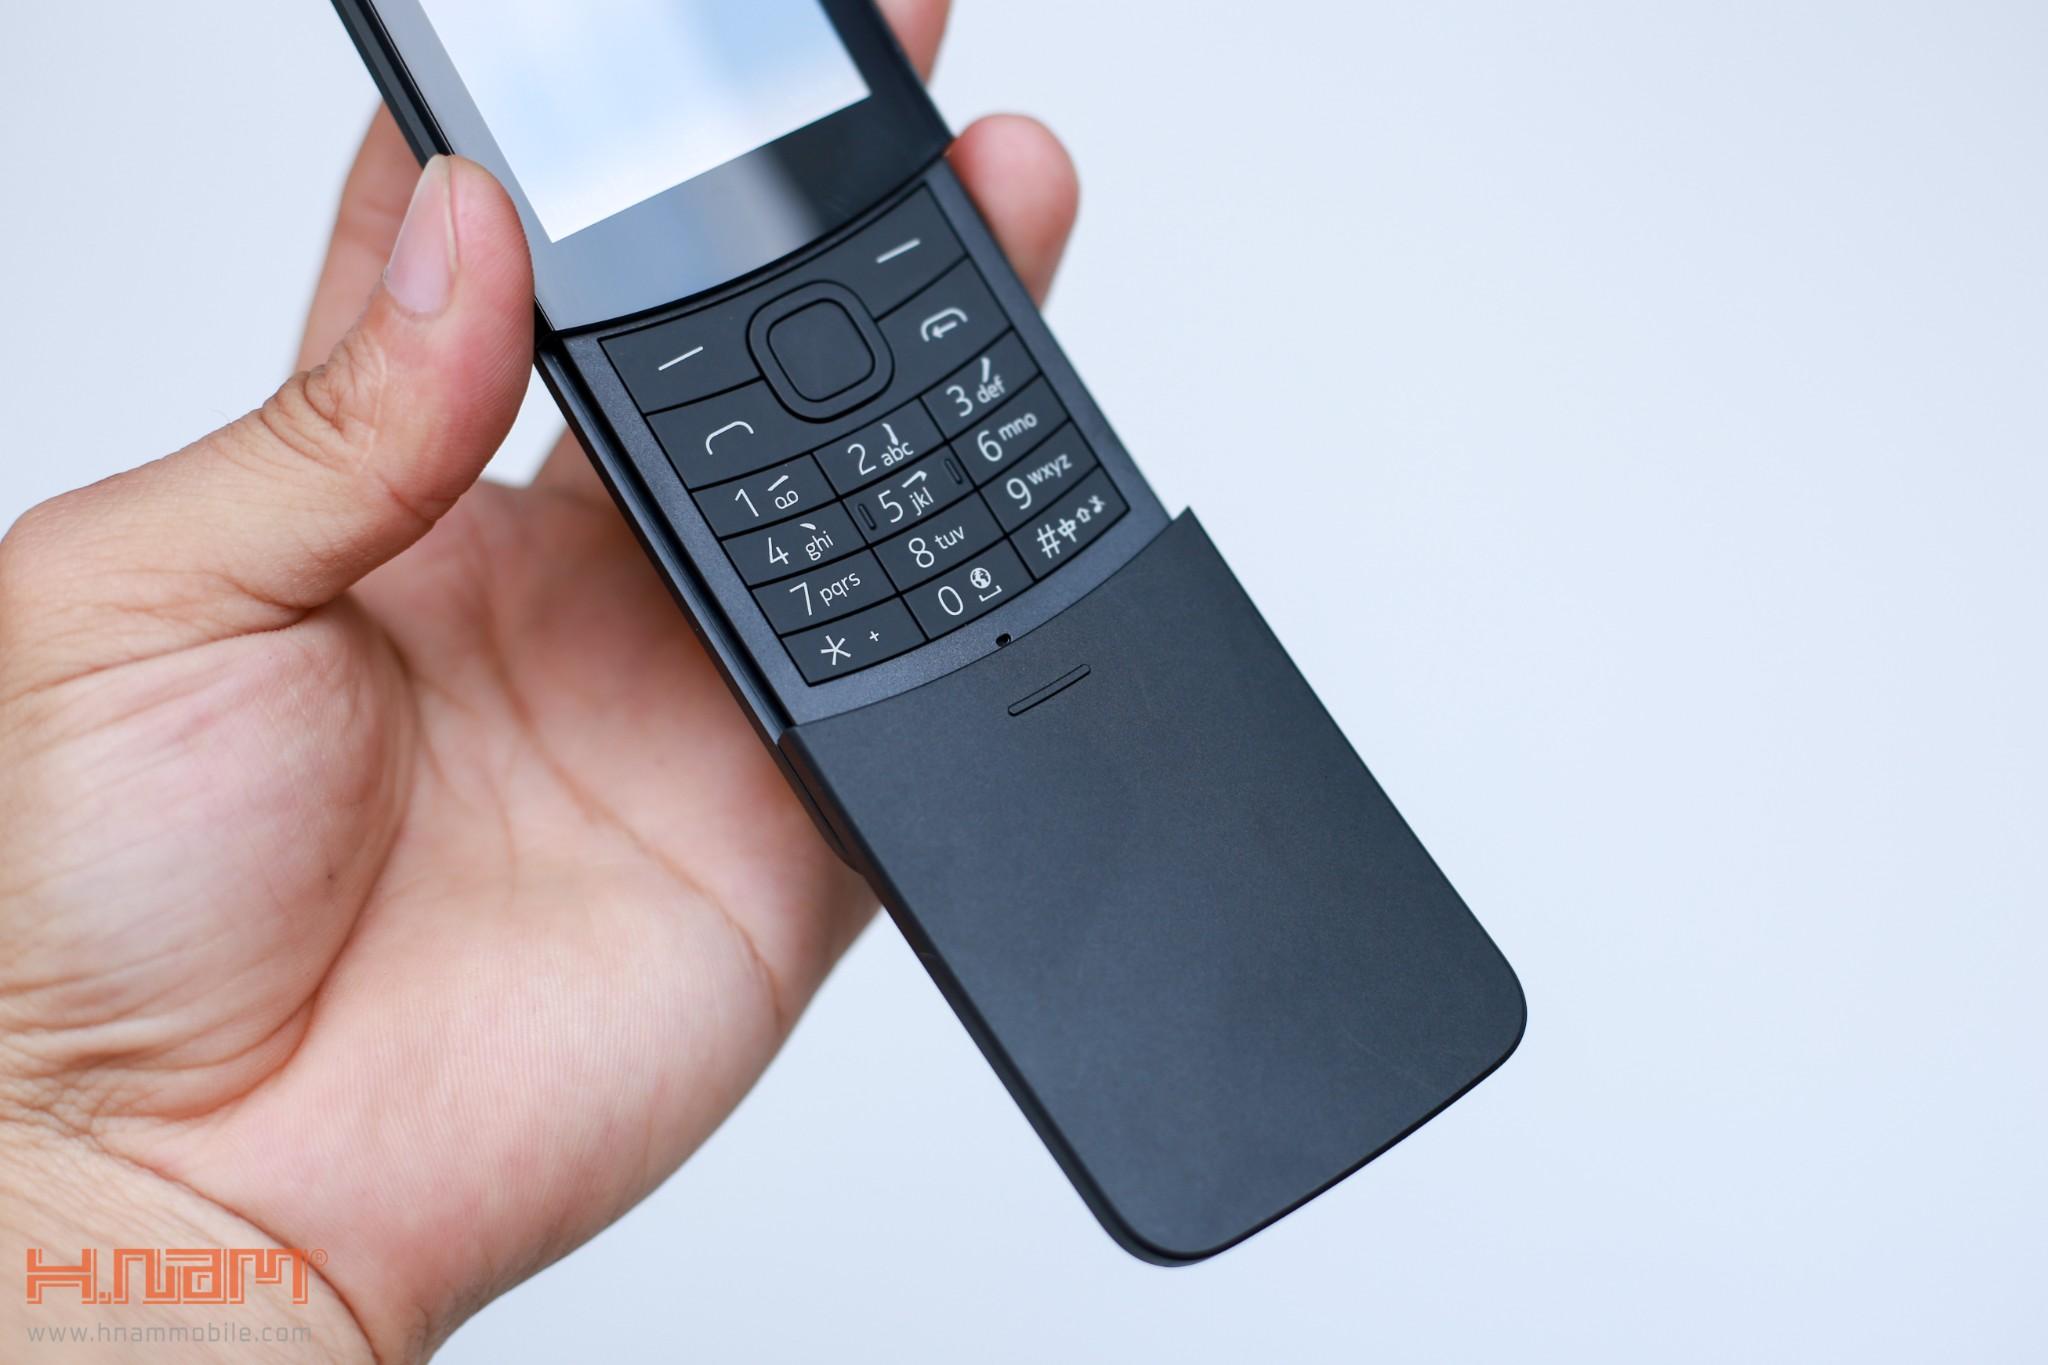 Trên tay Nokia 8110 chuối: Thiết kế siêu cute, phát 4G, giá 1.7 triệu đồng hình 5